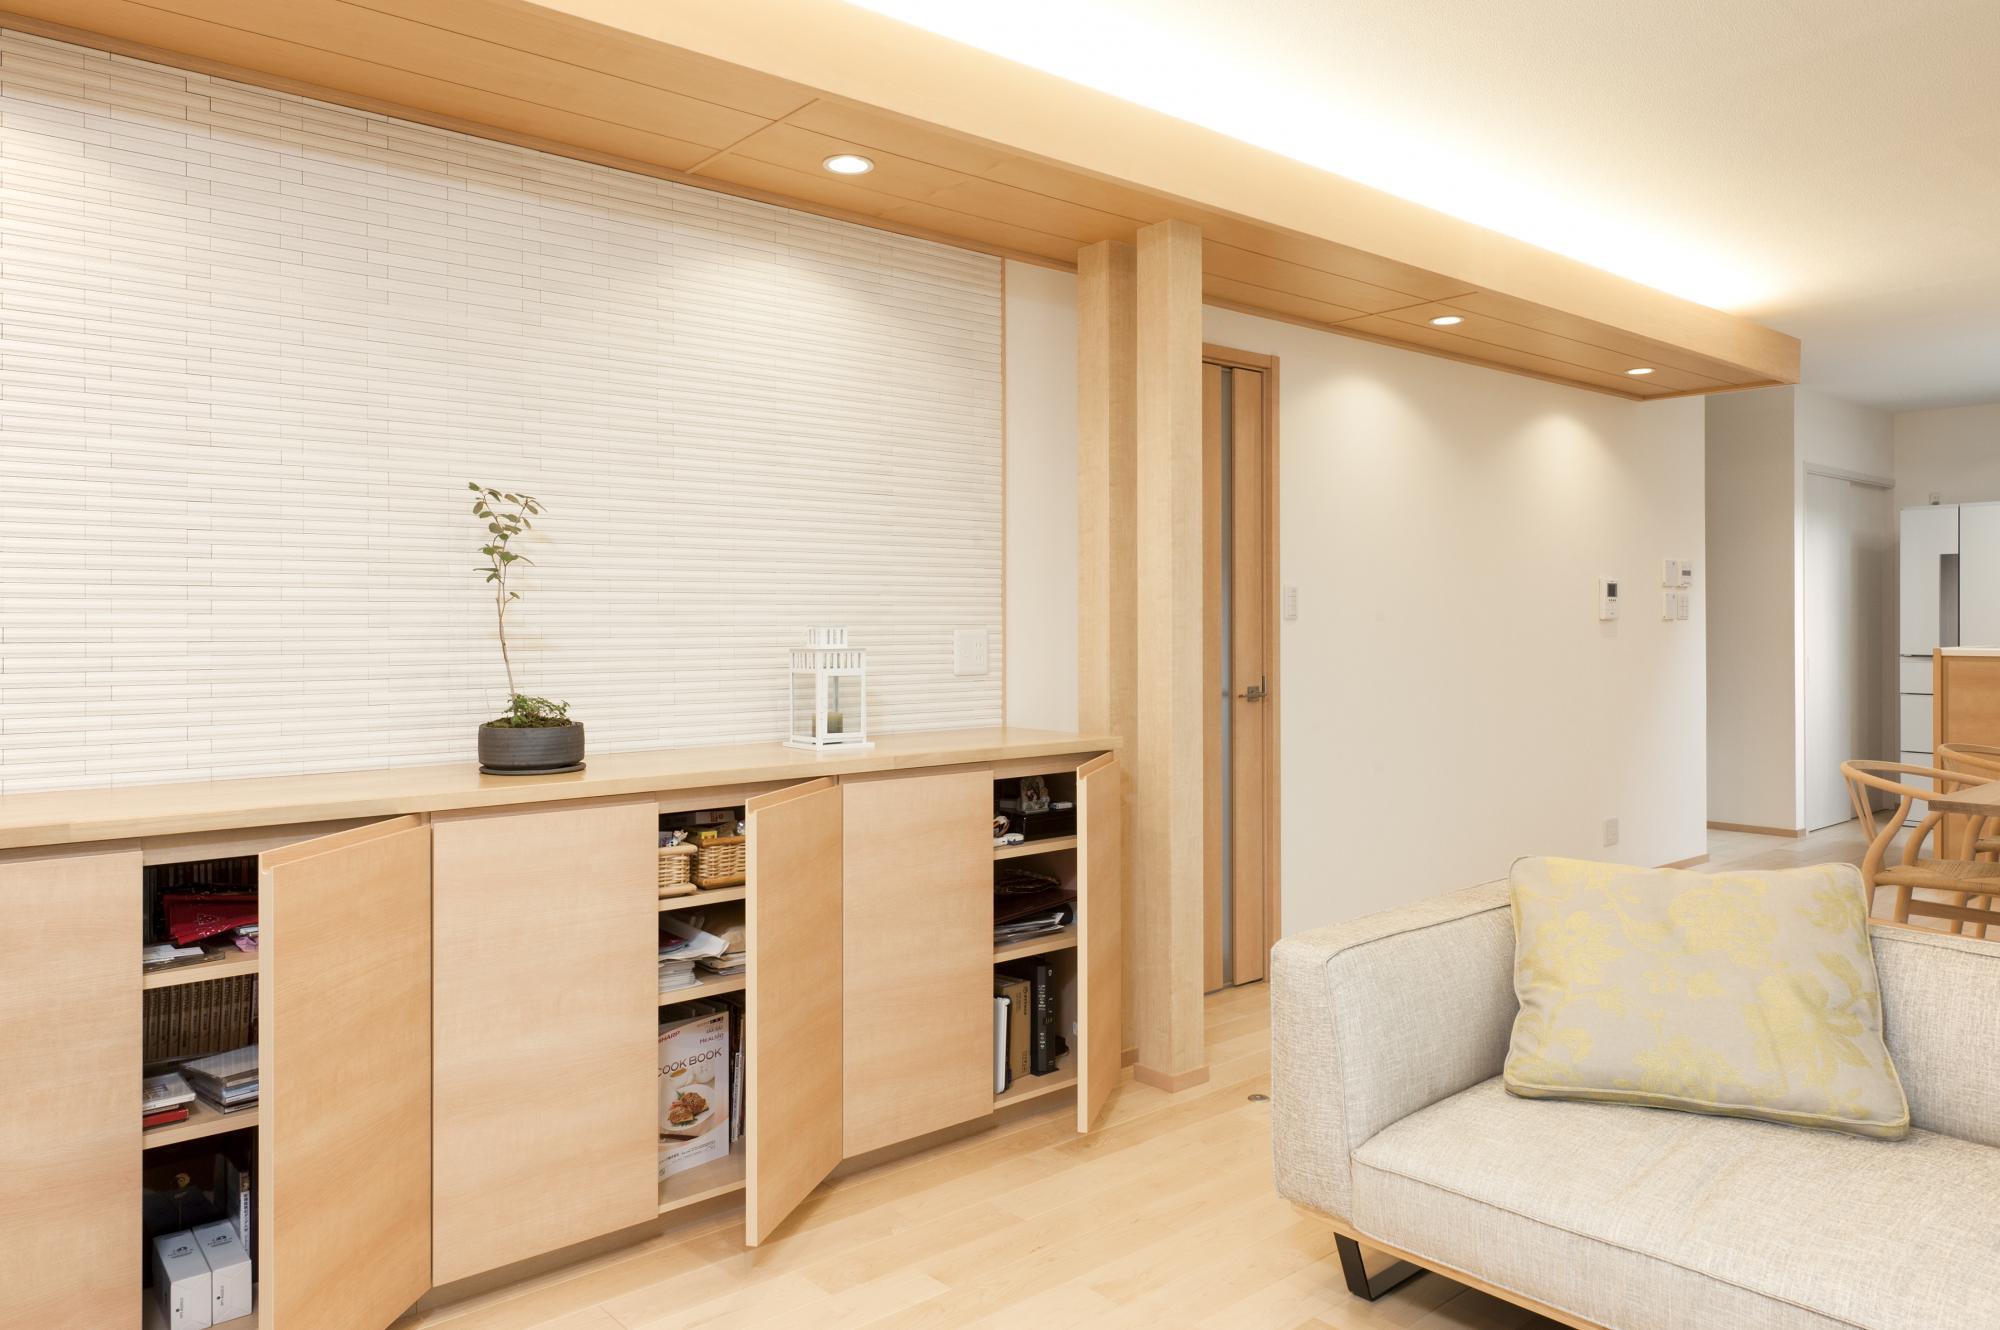 リビングには収納キャビネットを新設。壁にはエコカラットを使ってインテリアのアクセントにすると同時に、調湿機能で快適な室内空間をつくった。